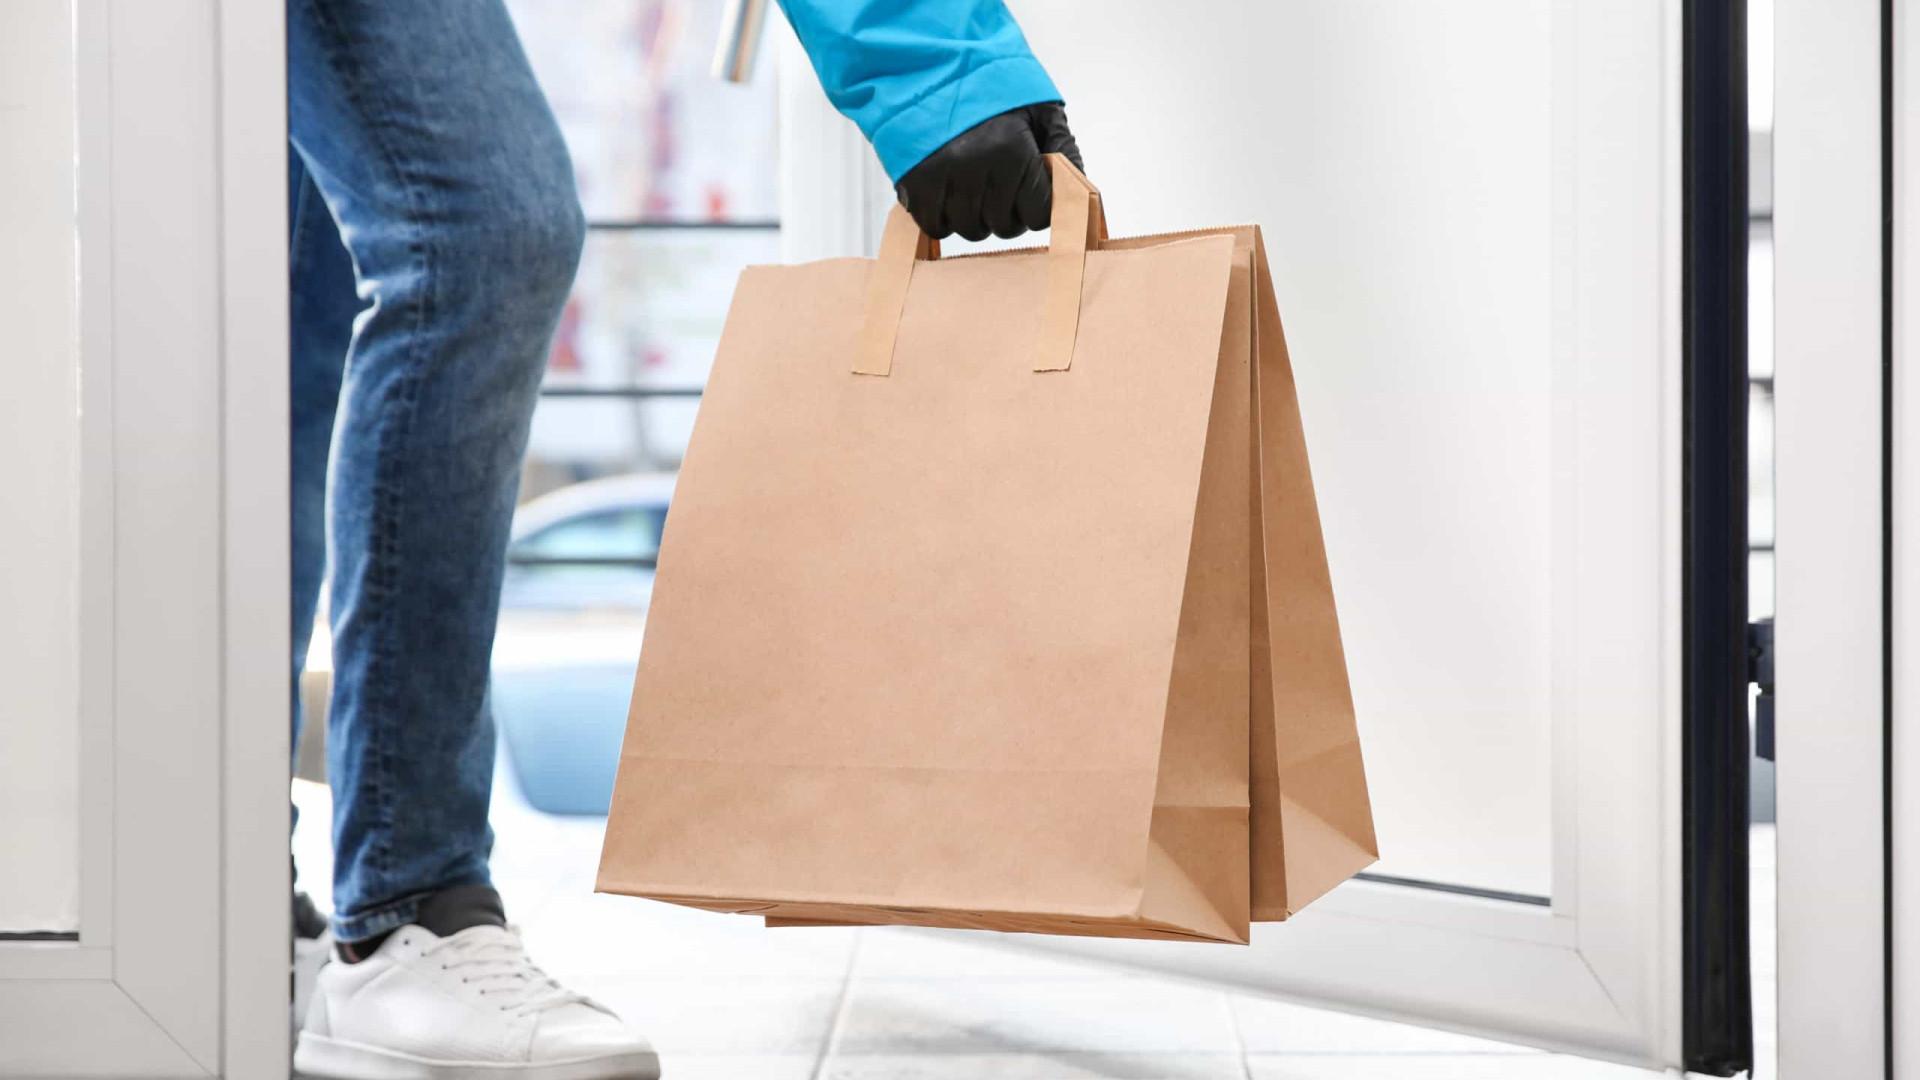 Grau de satisfação do cliente com o delivery é baixo, diz pesquisa